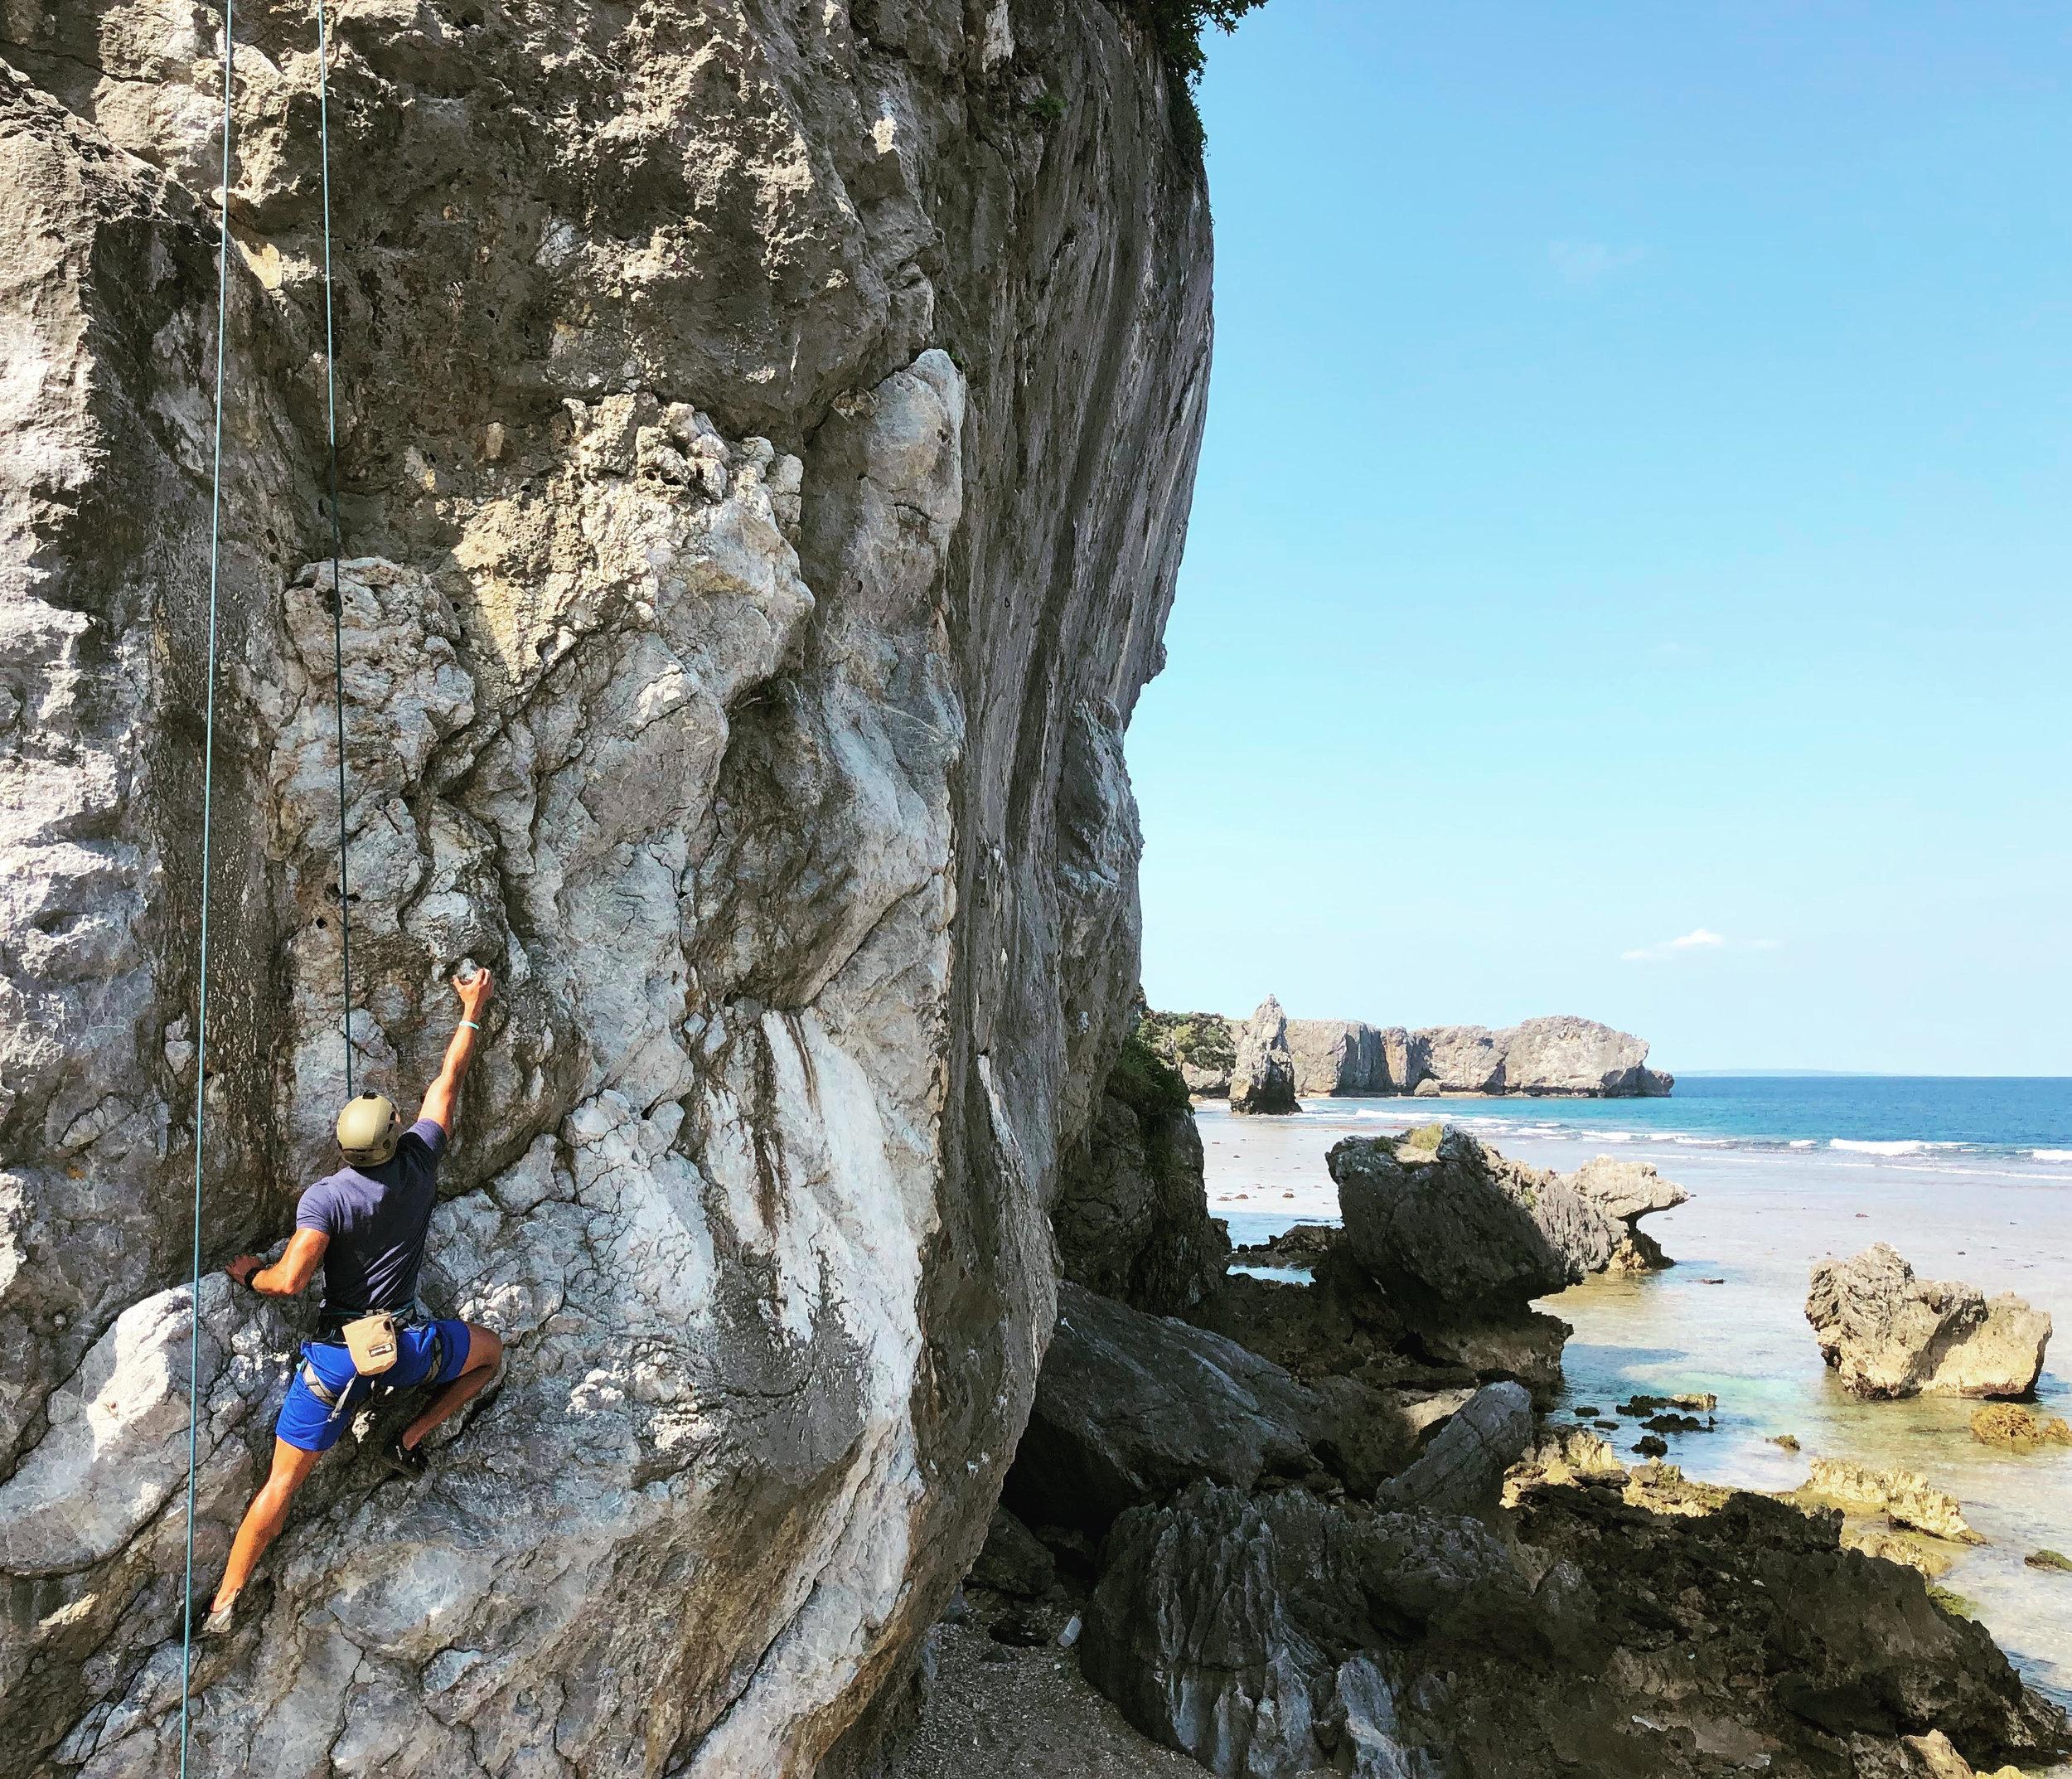 Top-roping at Cape Hedo, Okinawa